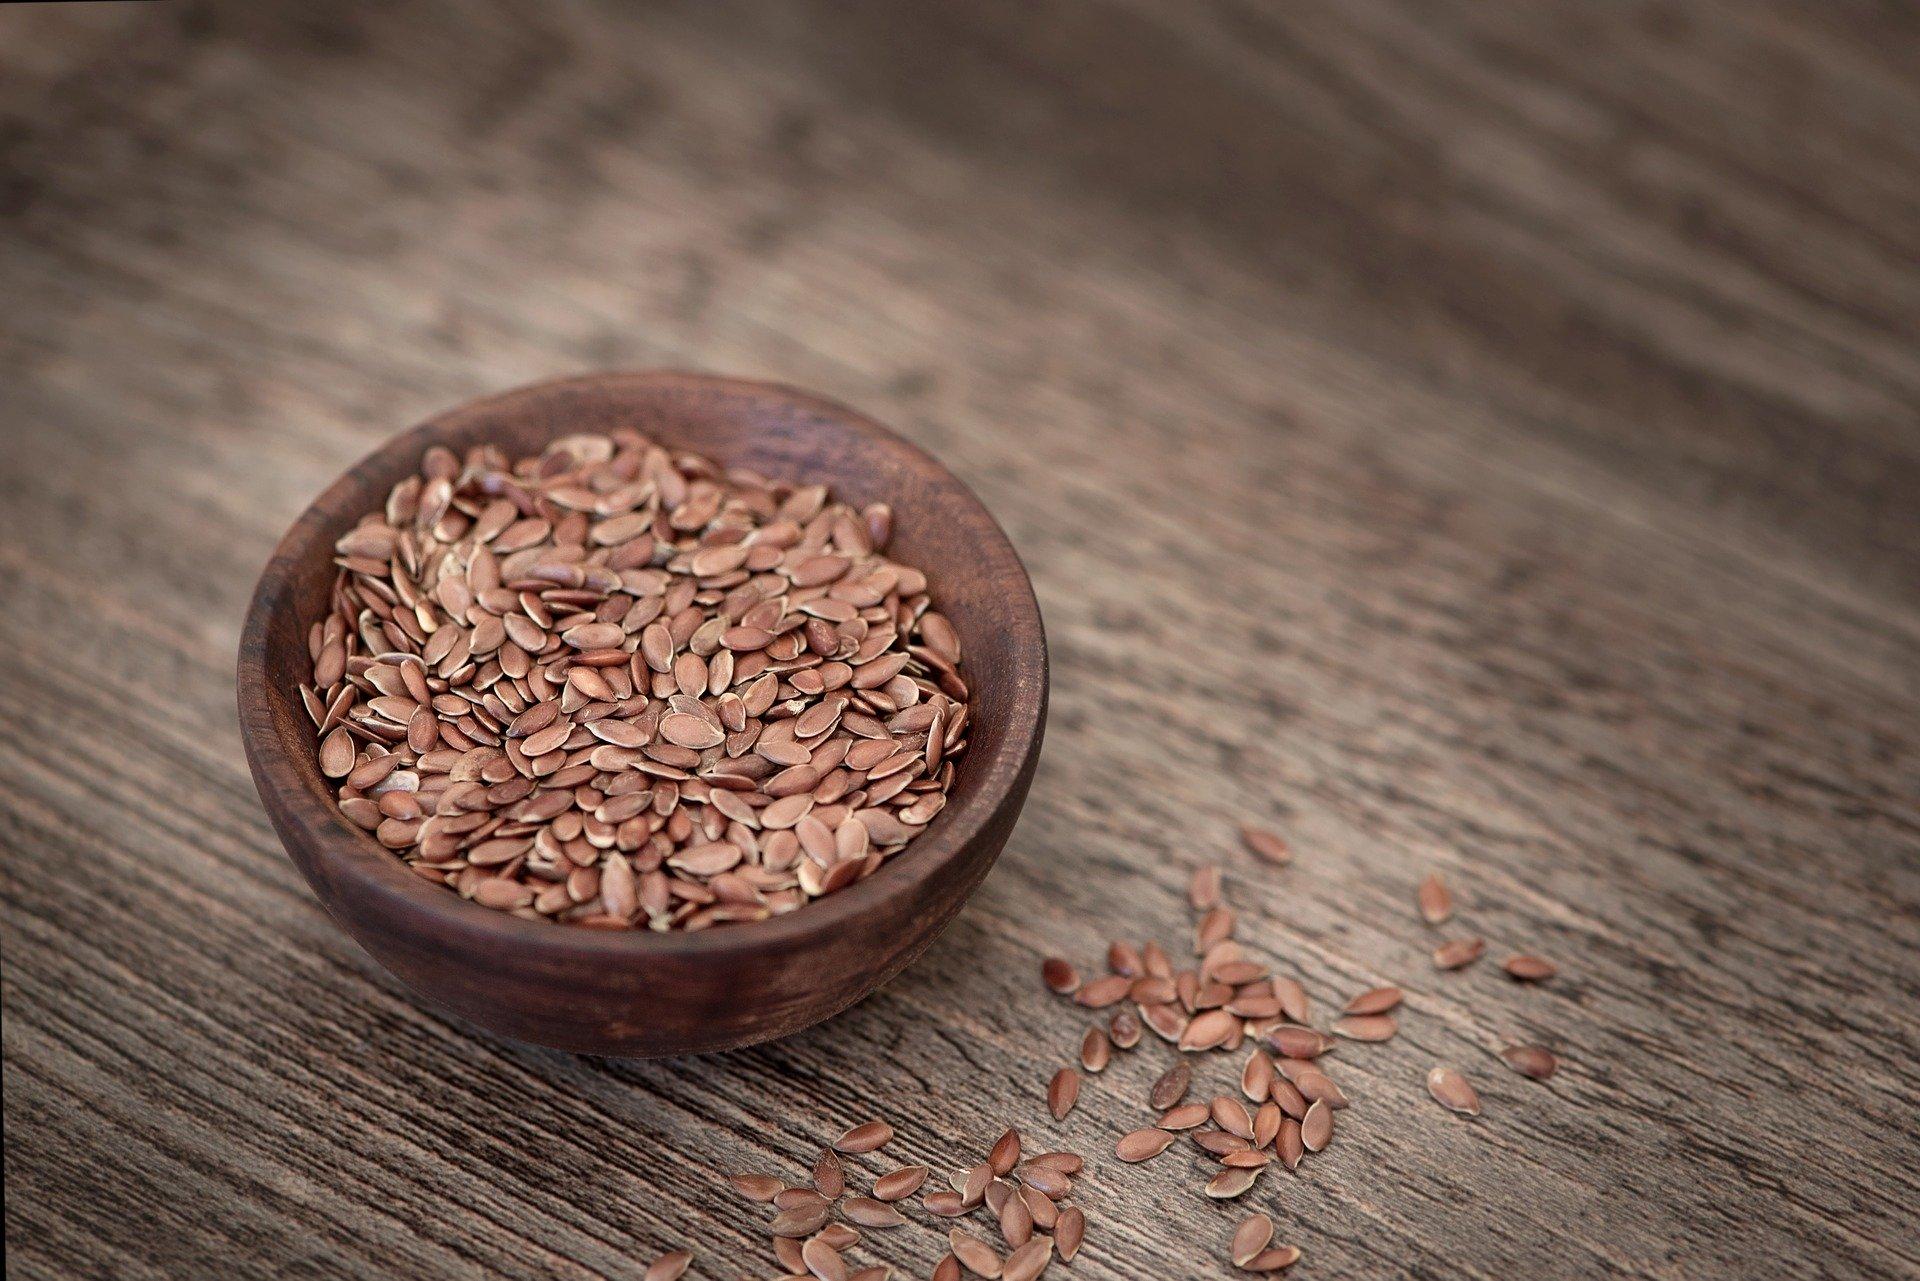 Semínka a jejich benefity pro naše zdraví